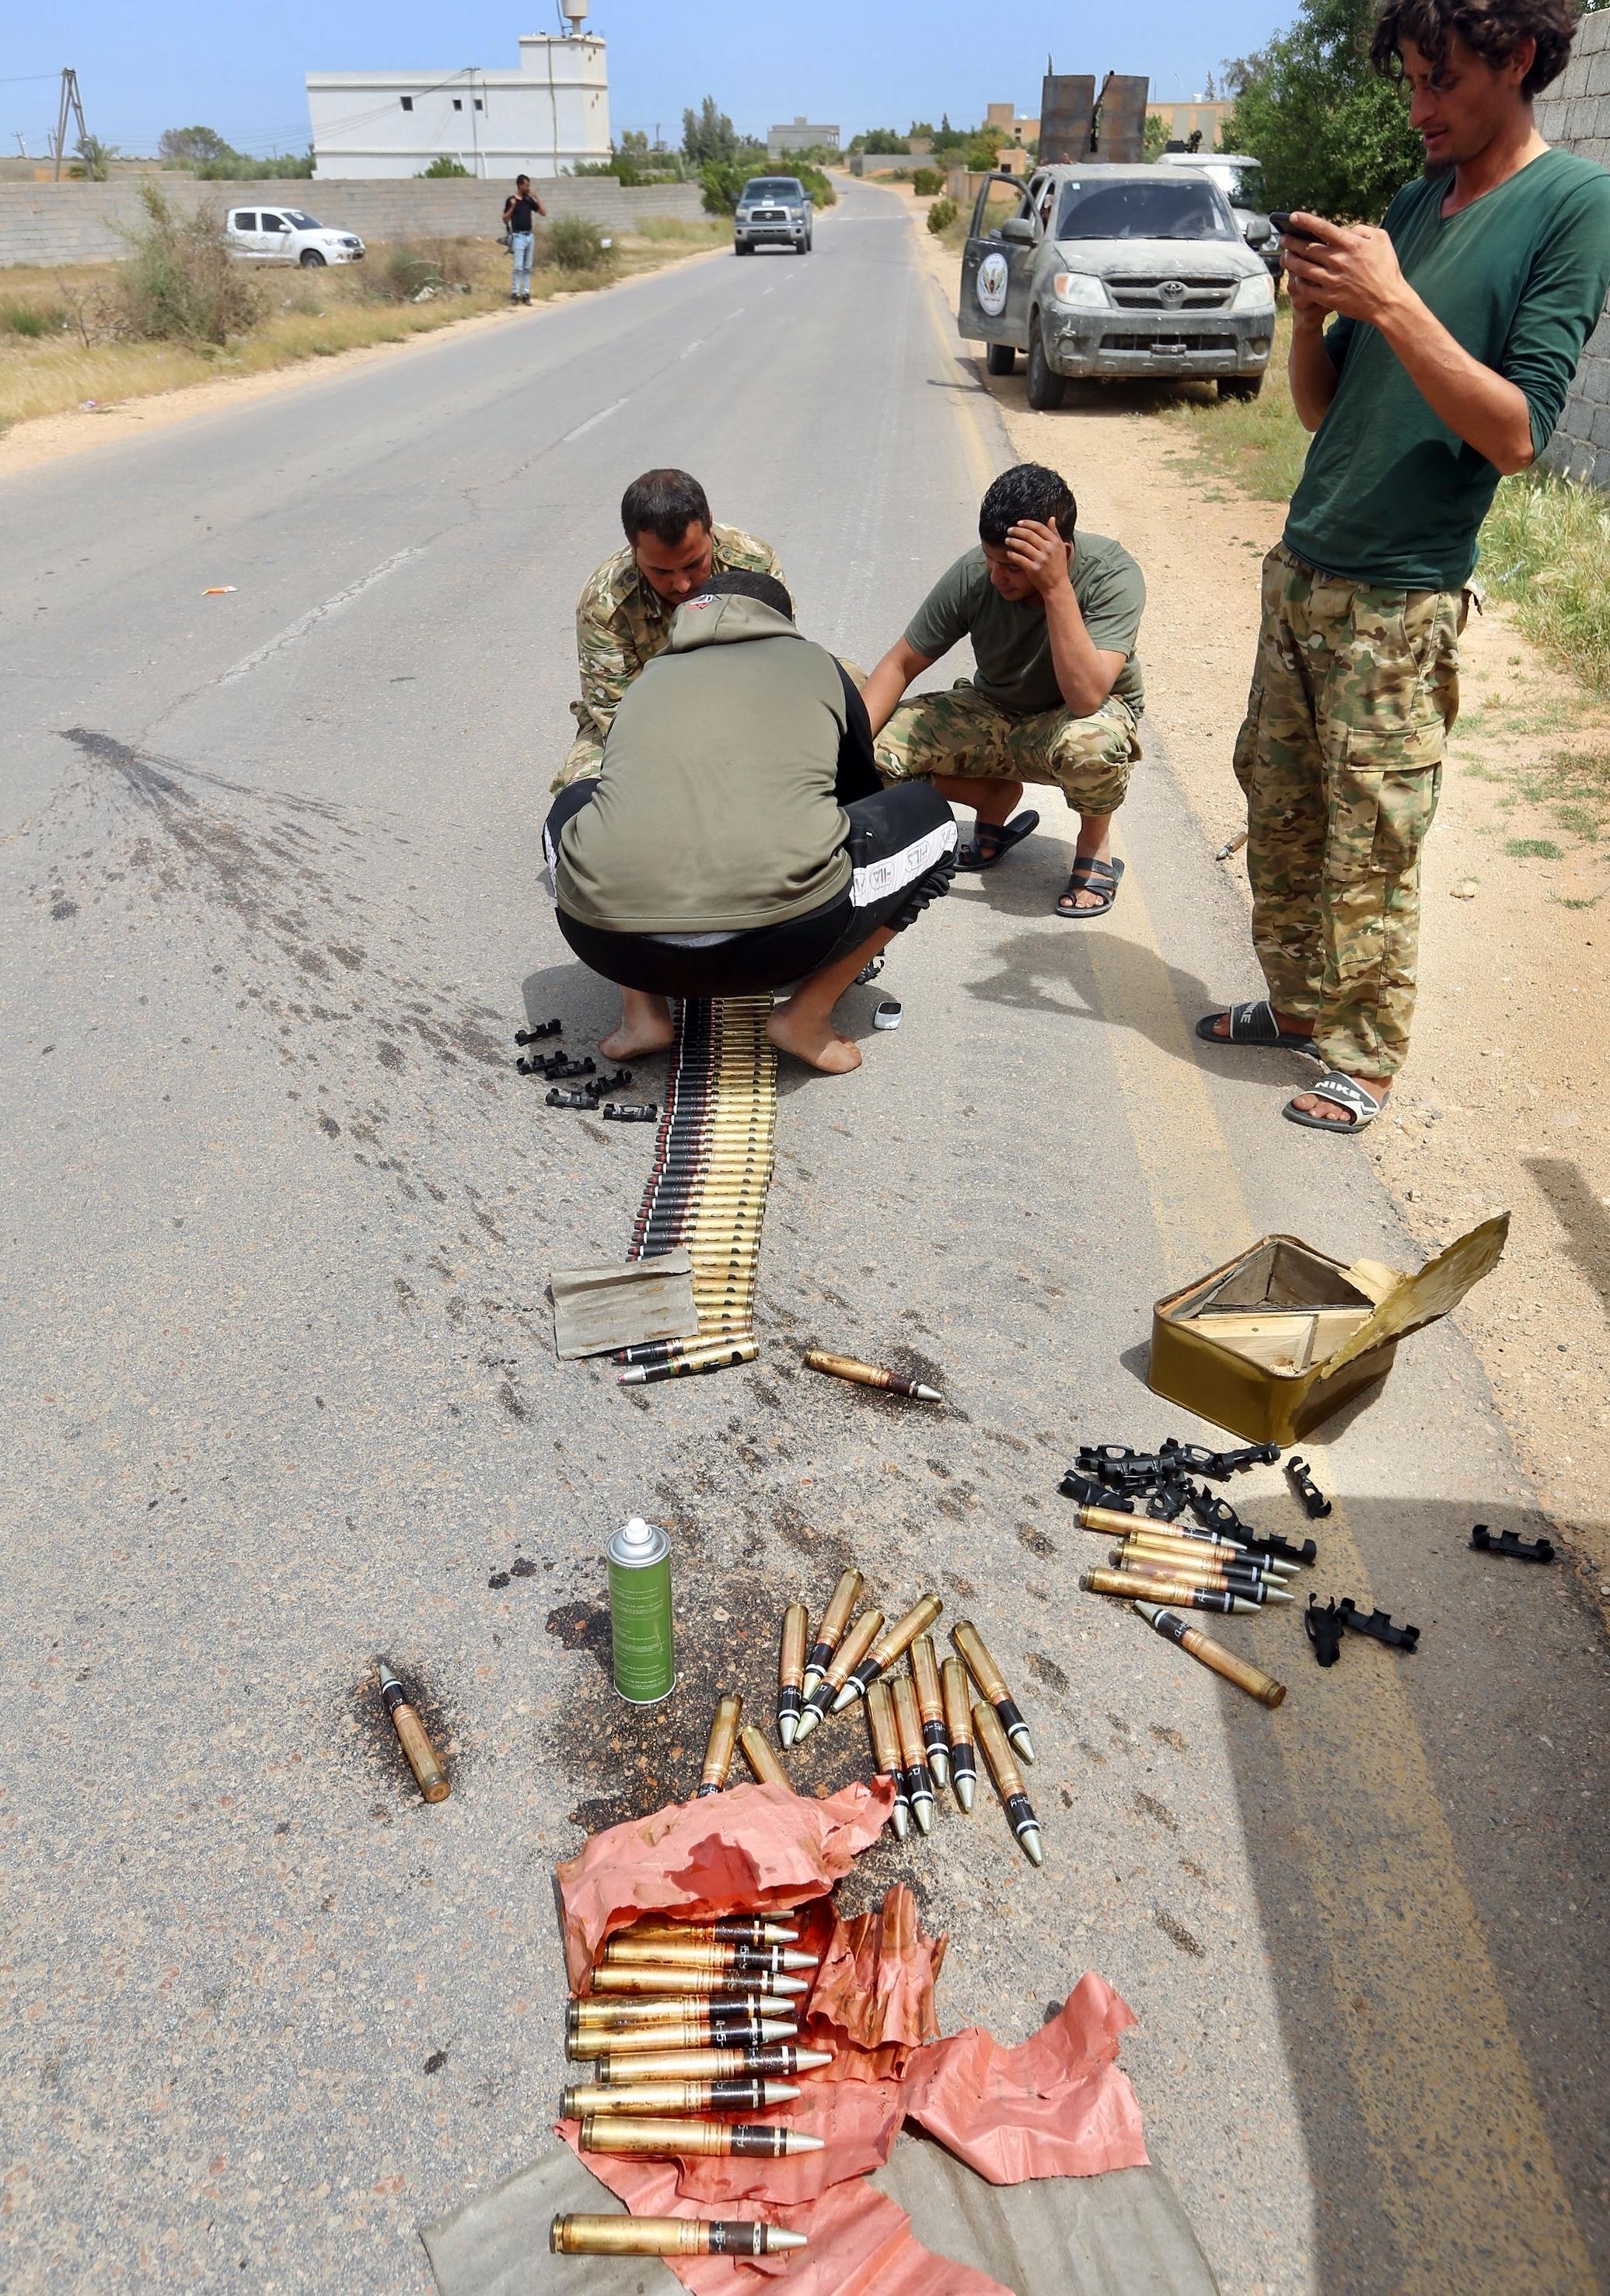 لا يشعر أهالي بنغازي بالأمان (عبد الله دوما/ فرانس برس)